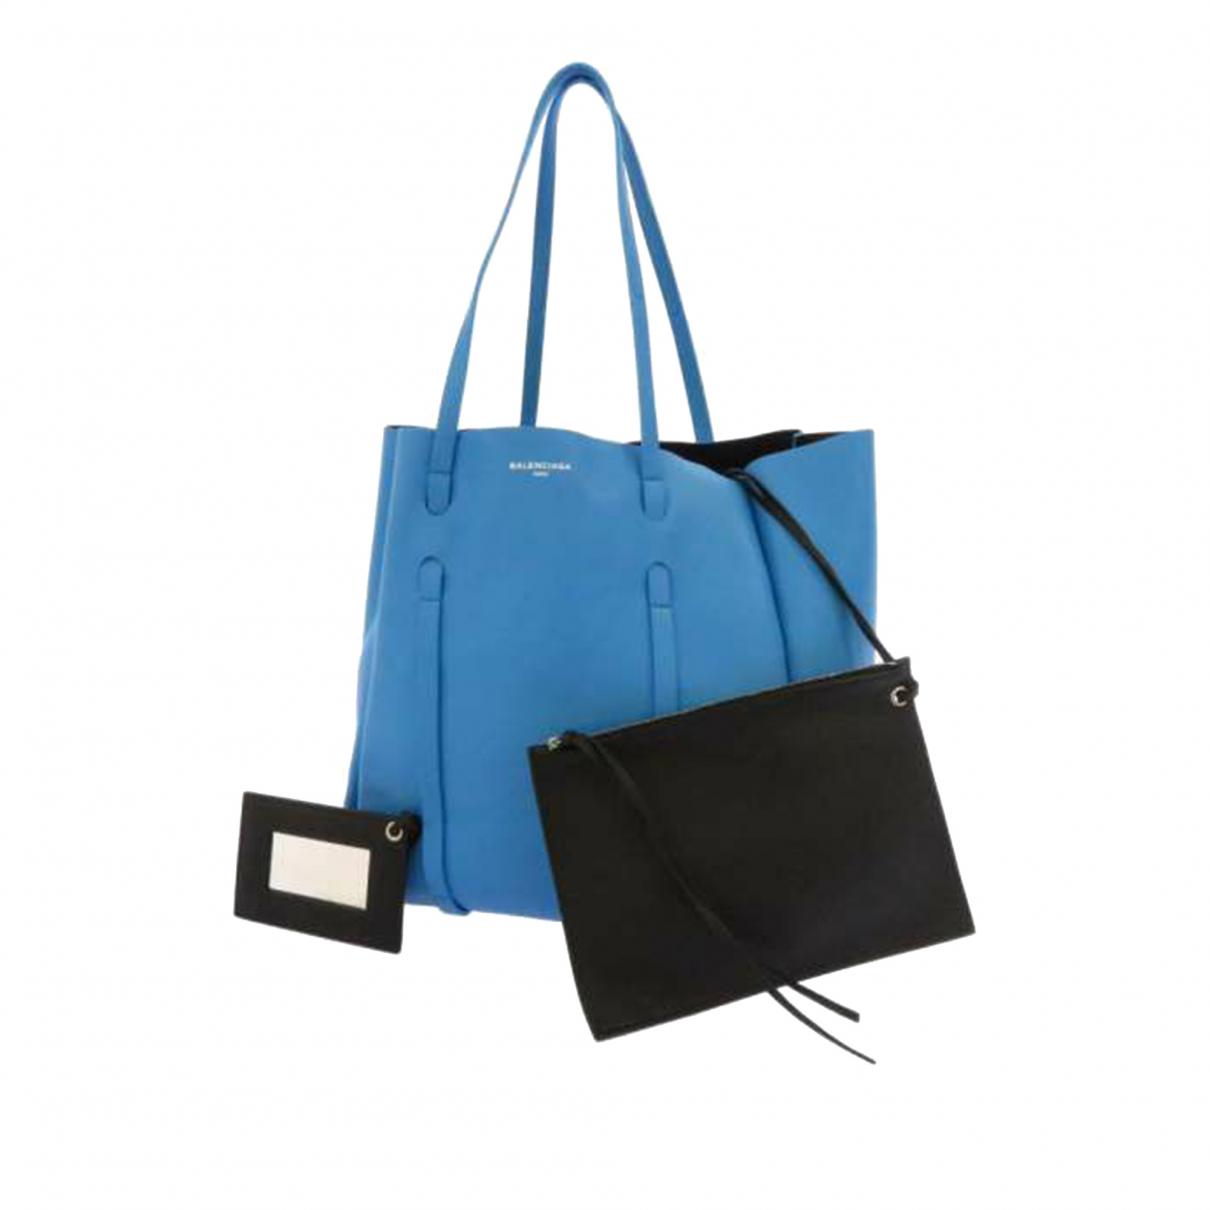 Balenciaga \N Blue Leather handbag for Women \N